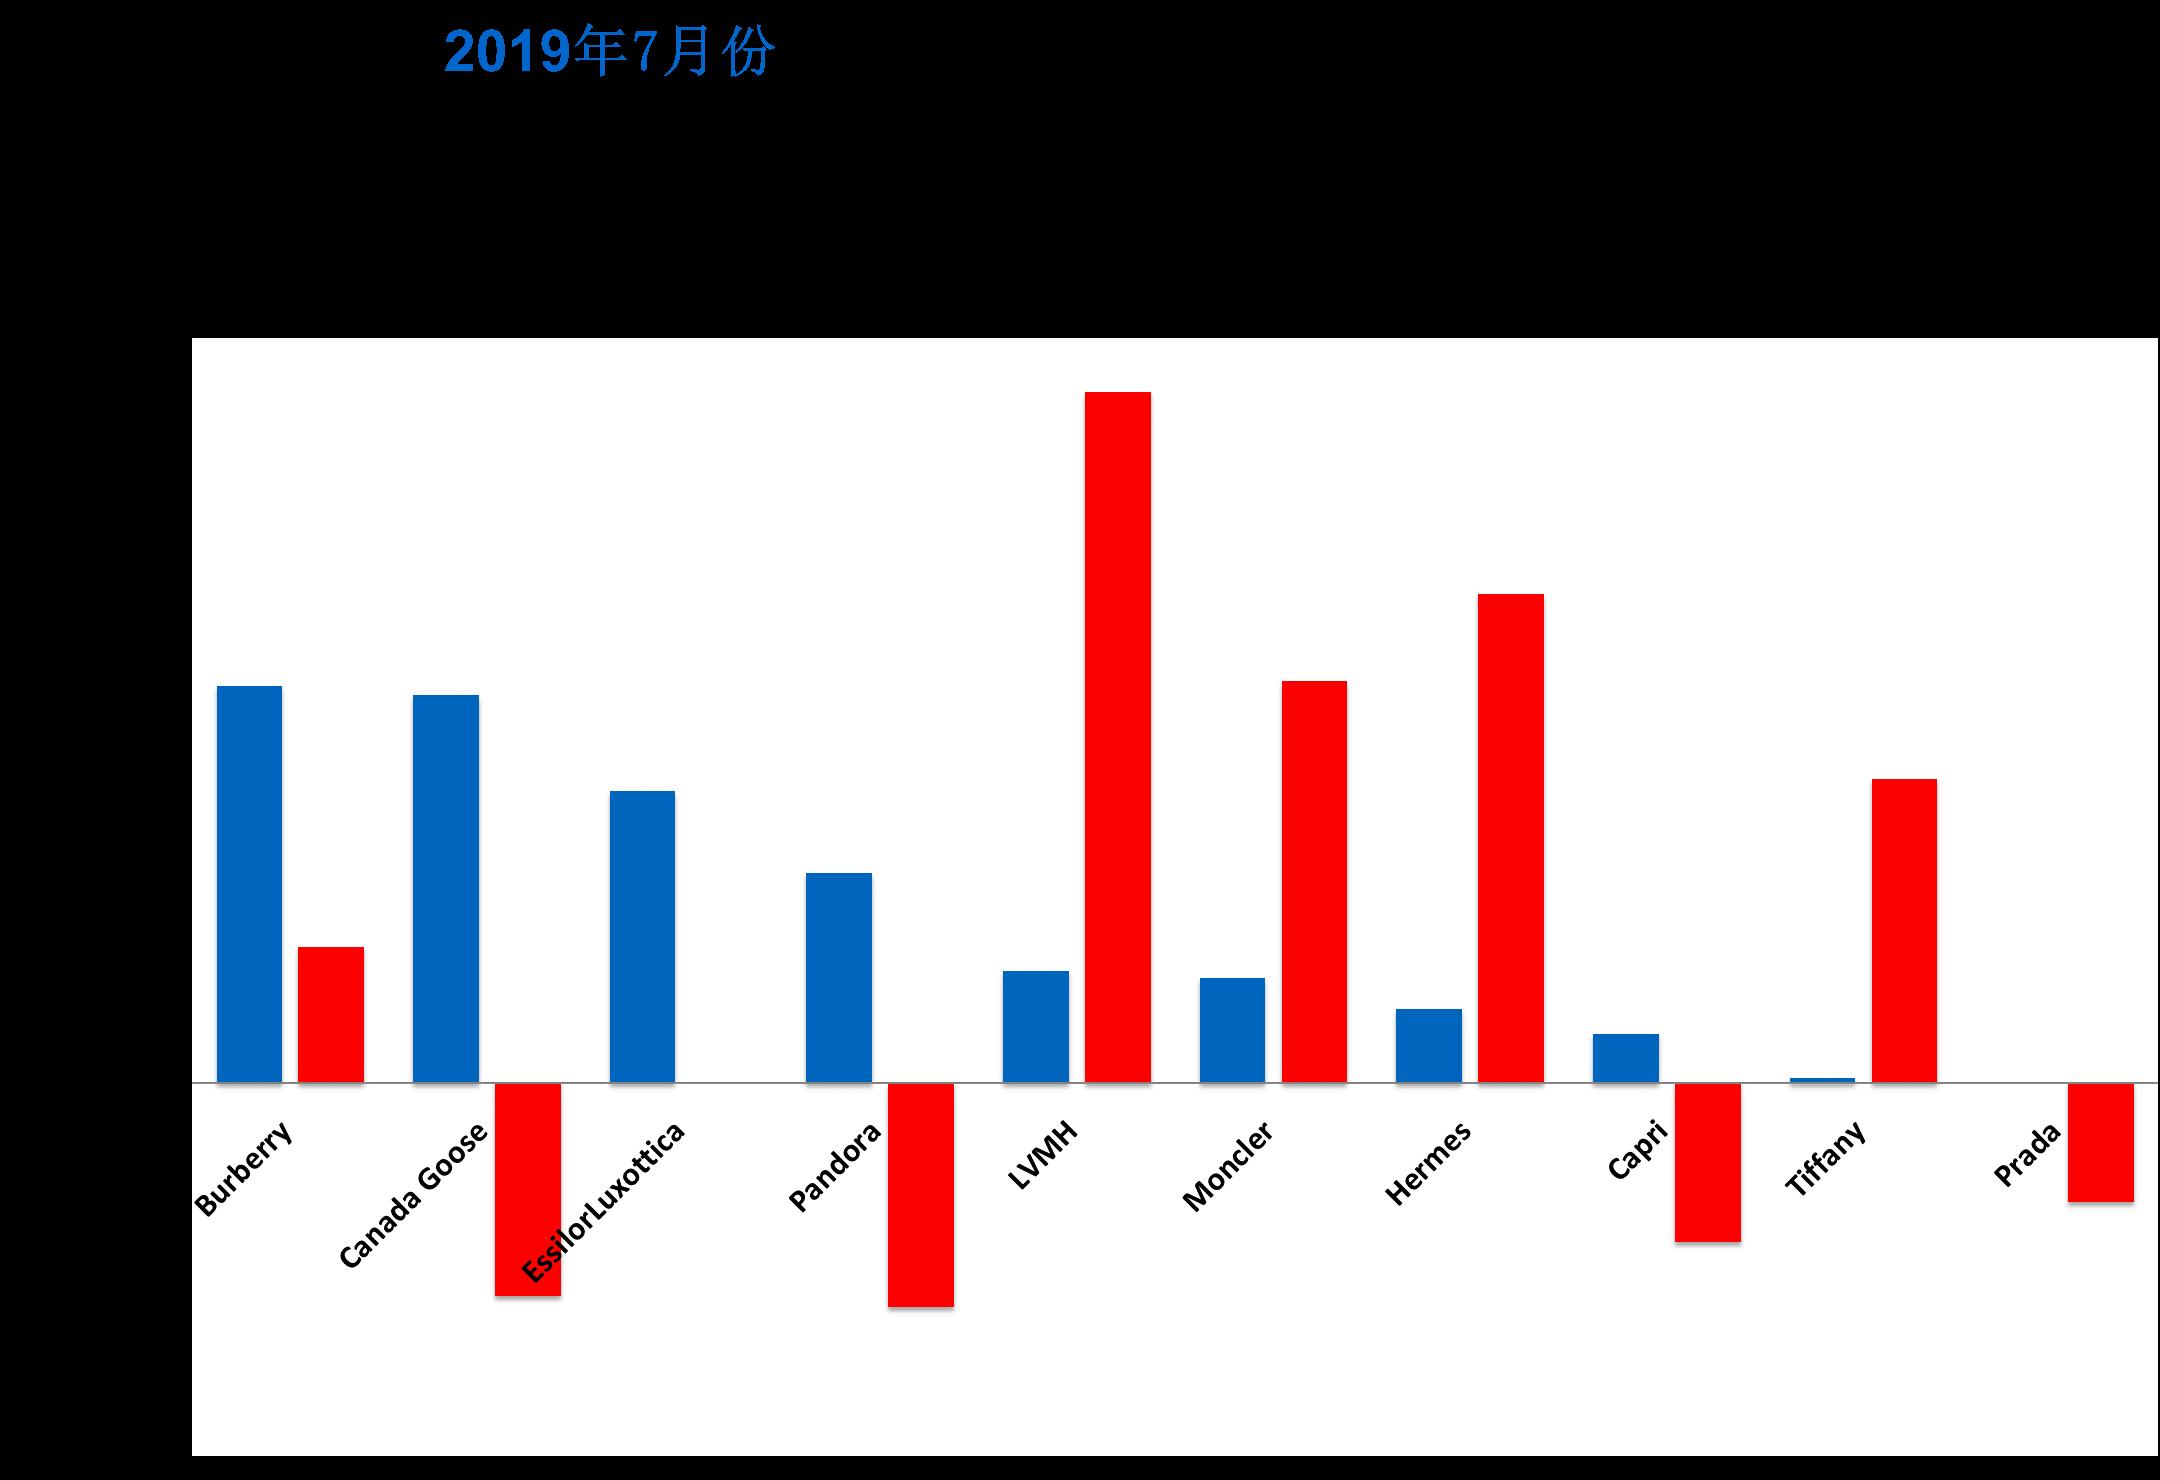 华丽志奢侈品股票月报(2019年7月):Burberry 是最大赢家,Pandora 终于迎来反弹